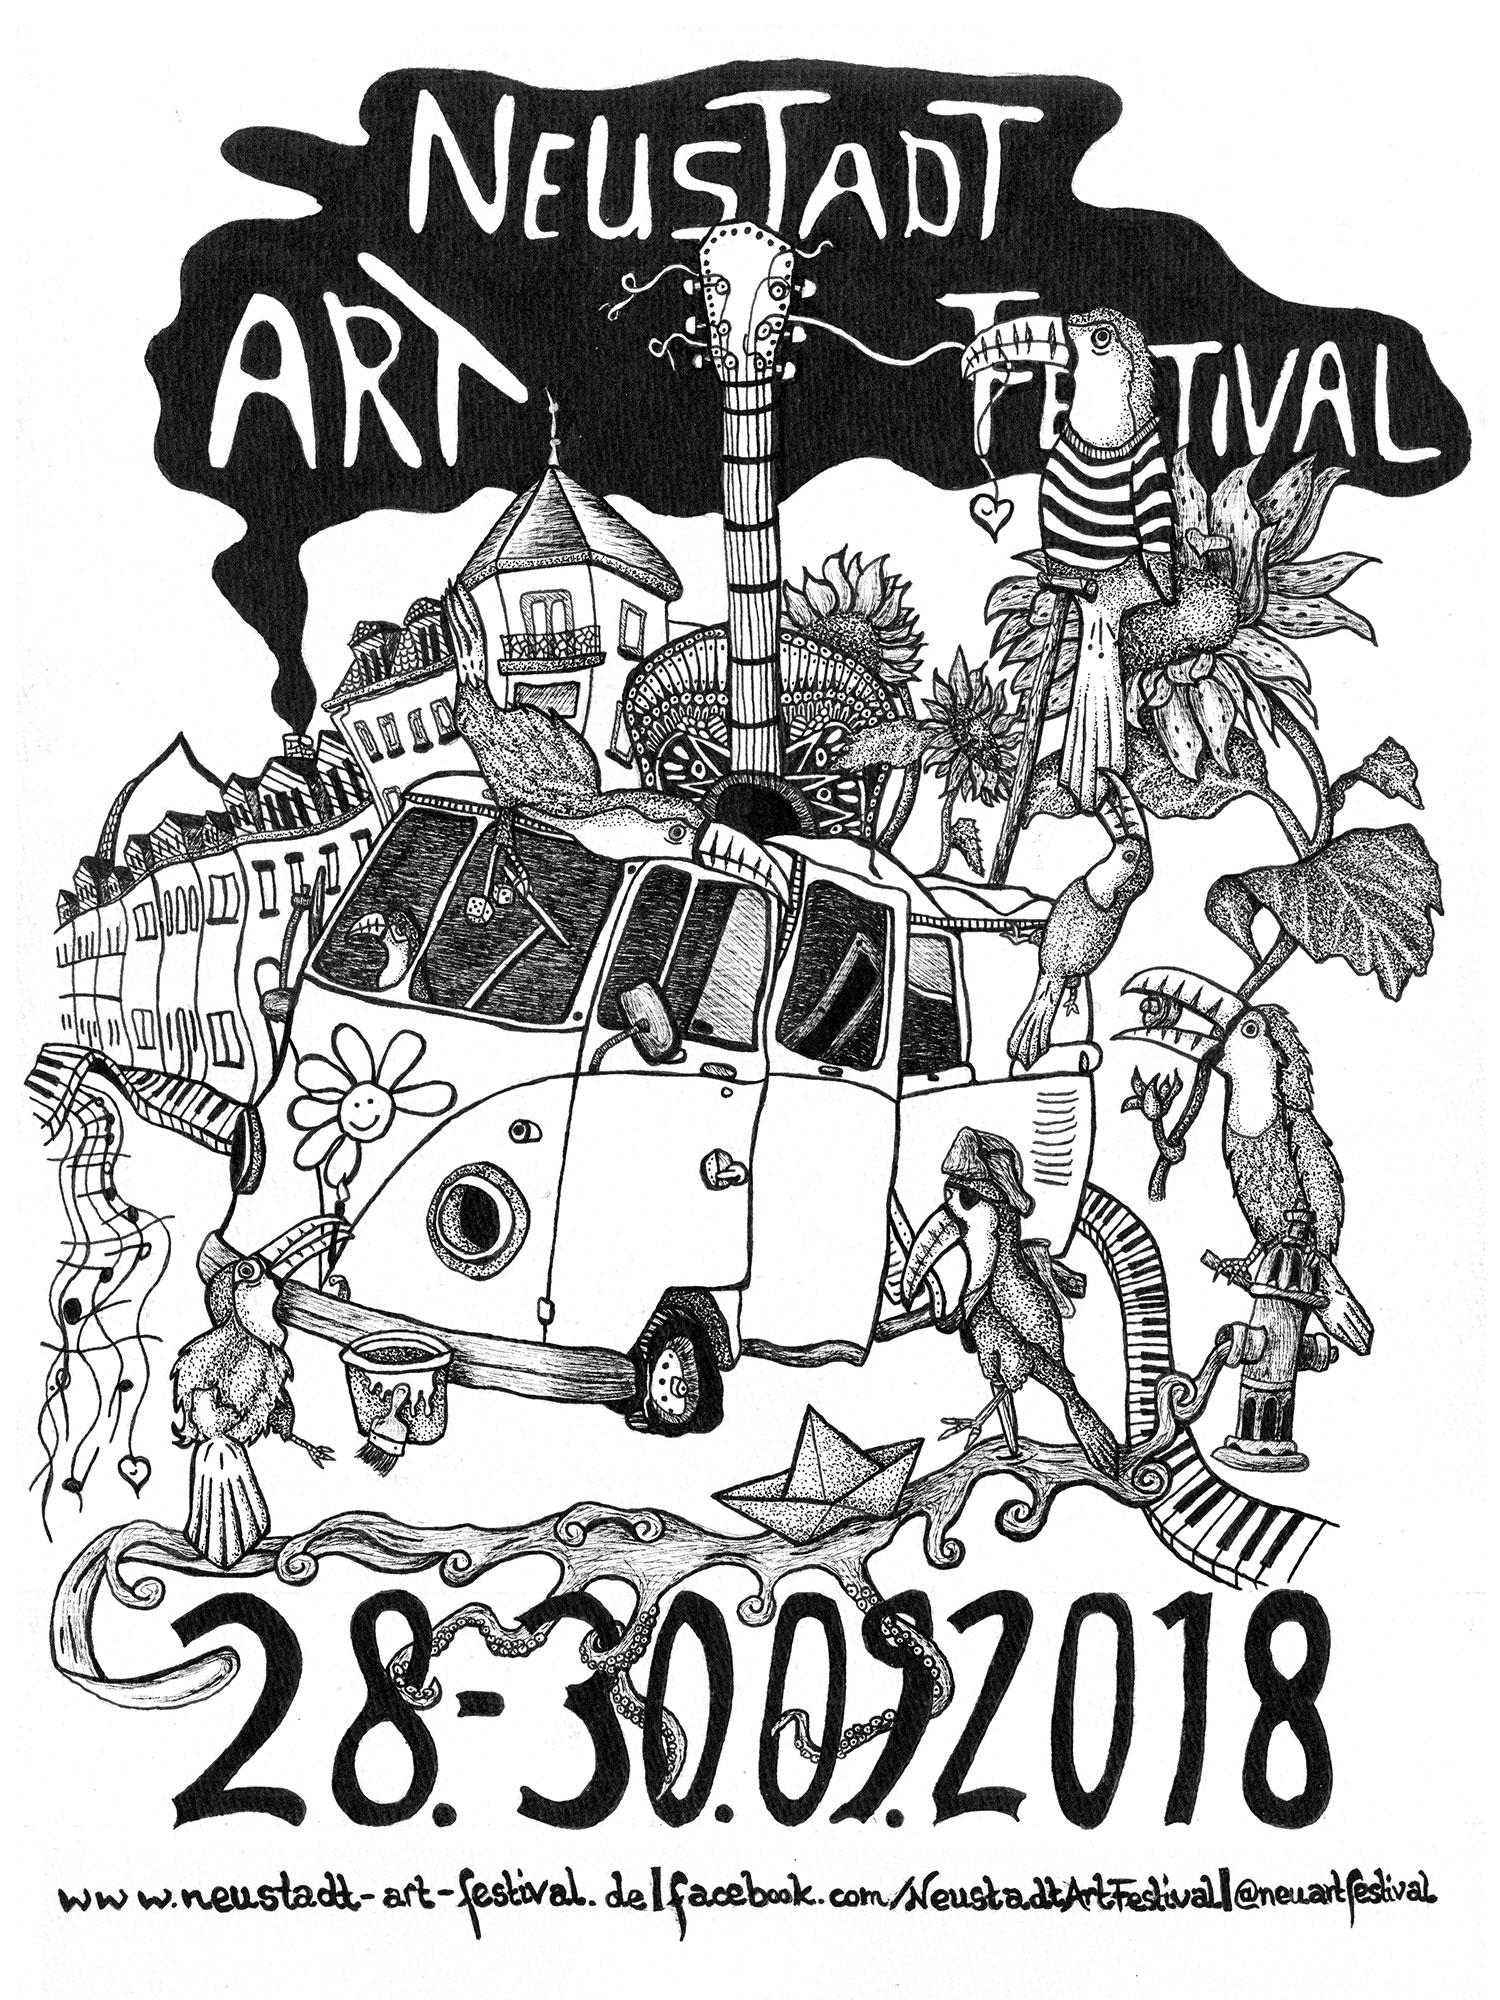 Neustadt Art Festival 2018